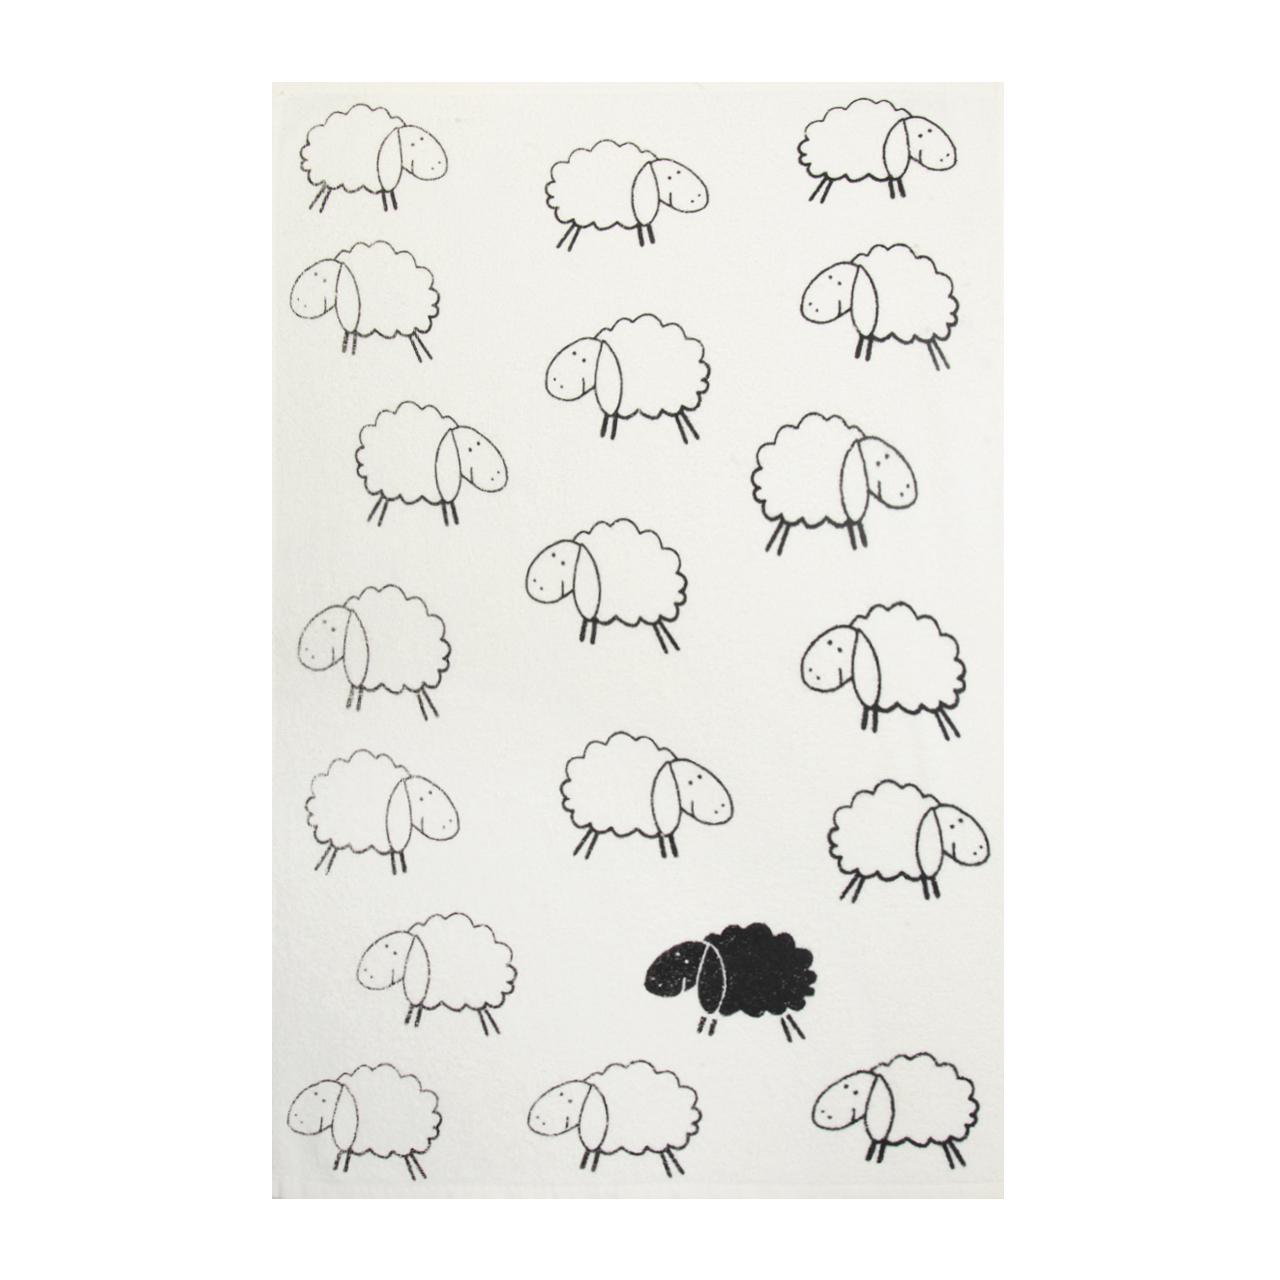 حوله آشپزخانه آکیپک مدل گوسفند سایز 40x60 سانتیمتر